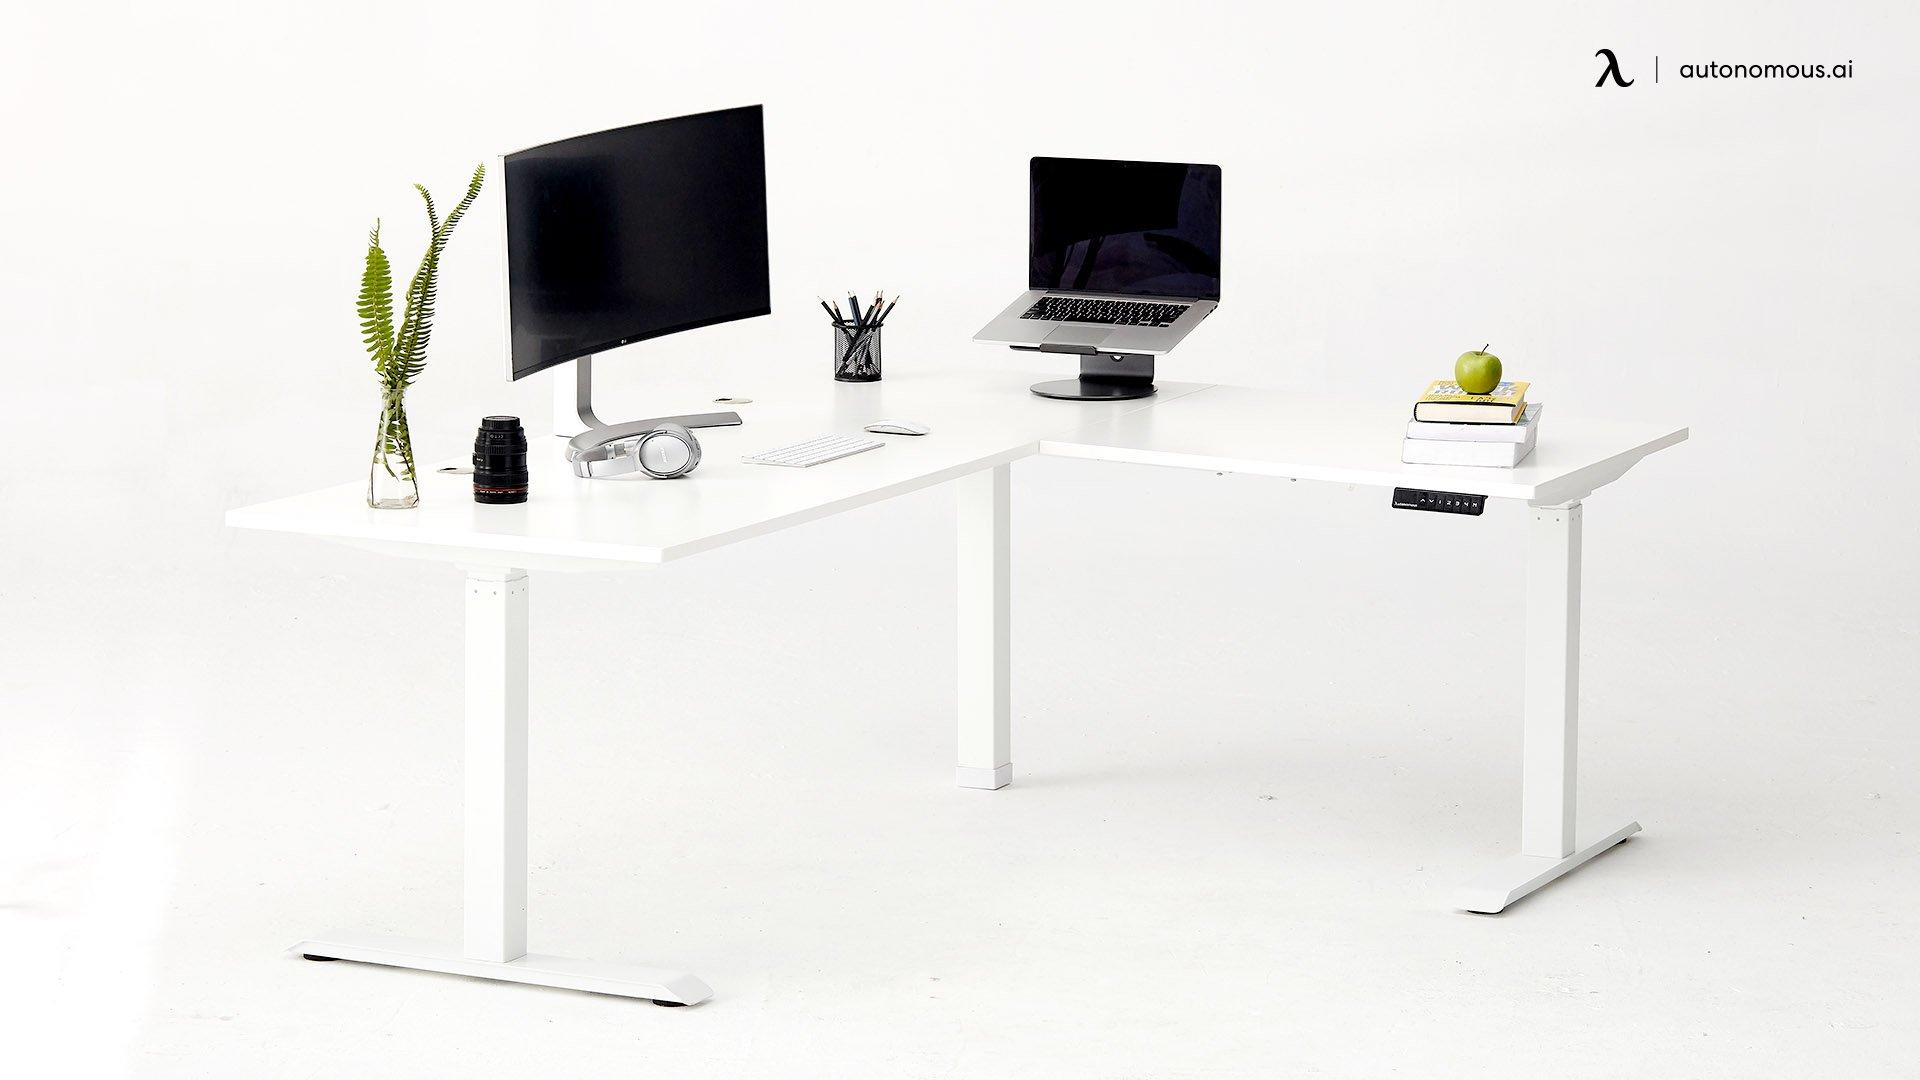 White L-Shaped Standing Desk Autonomous